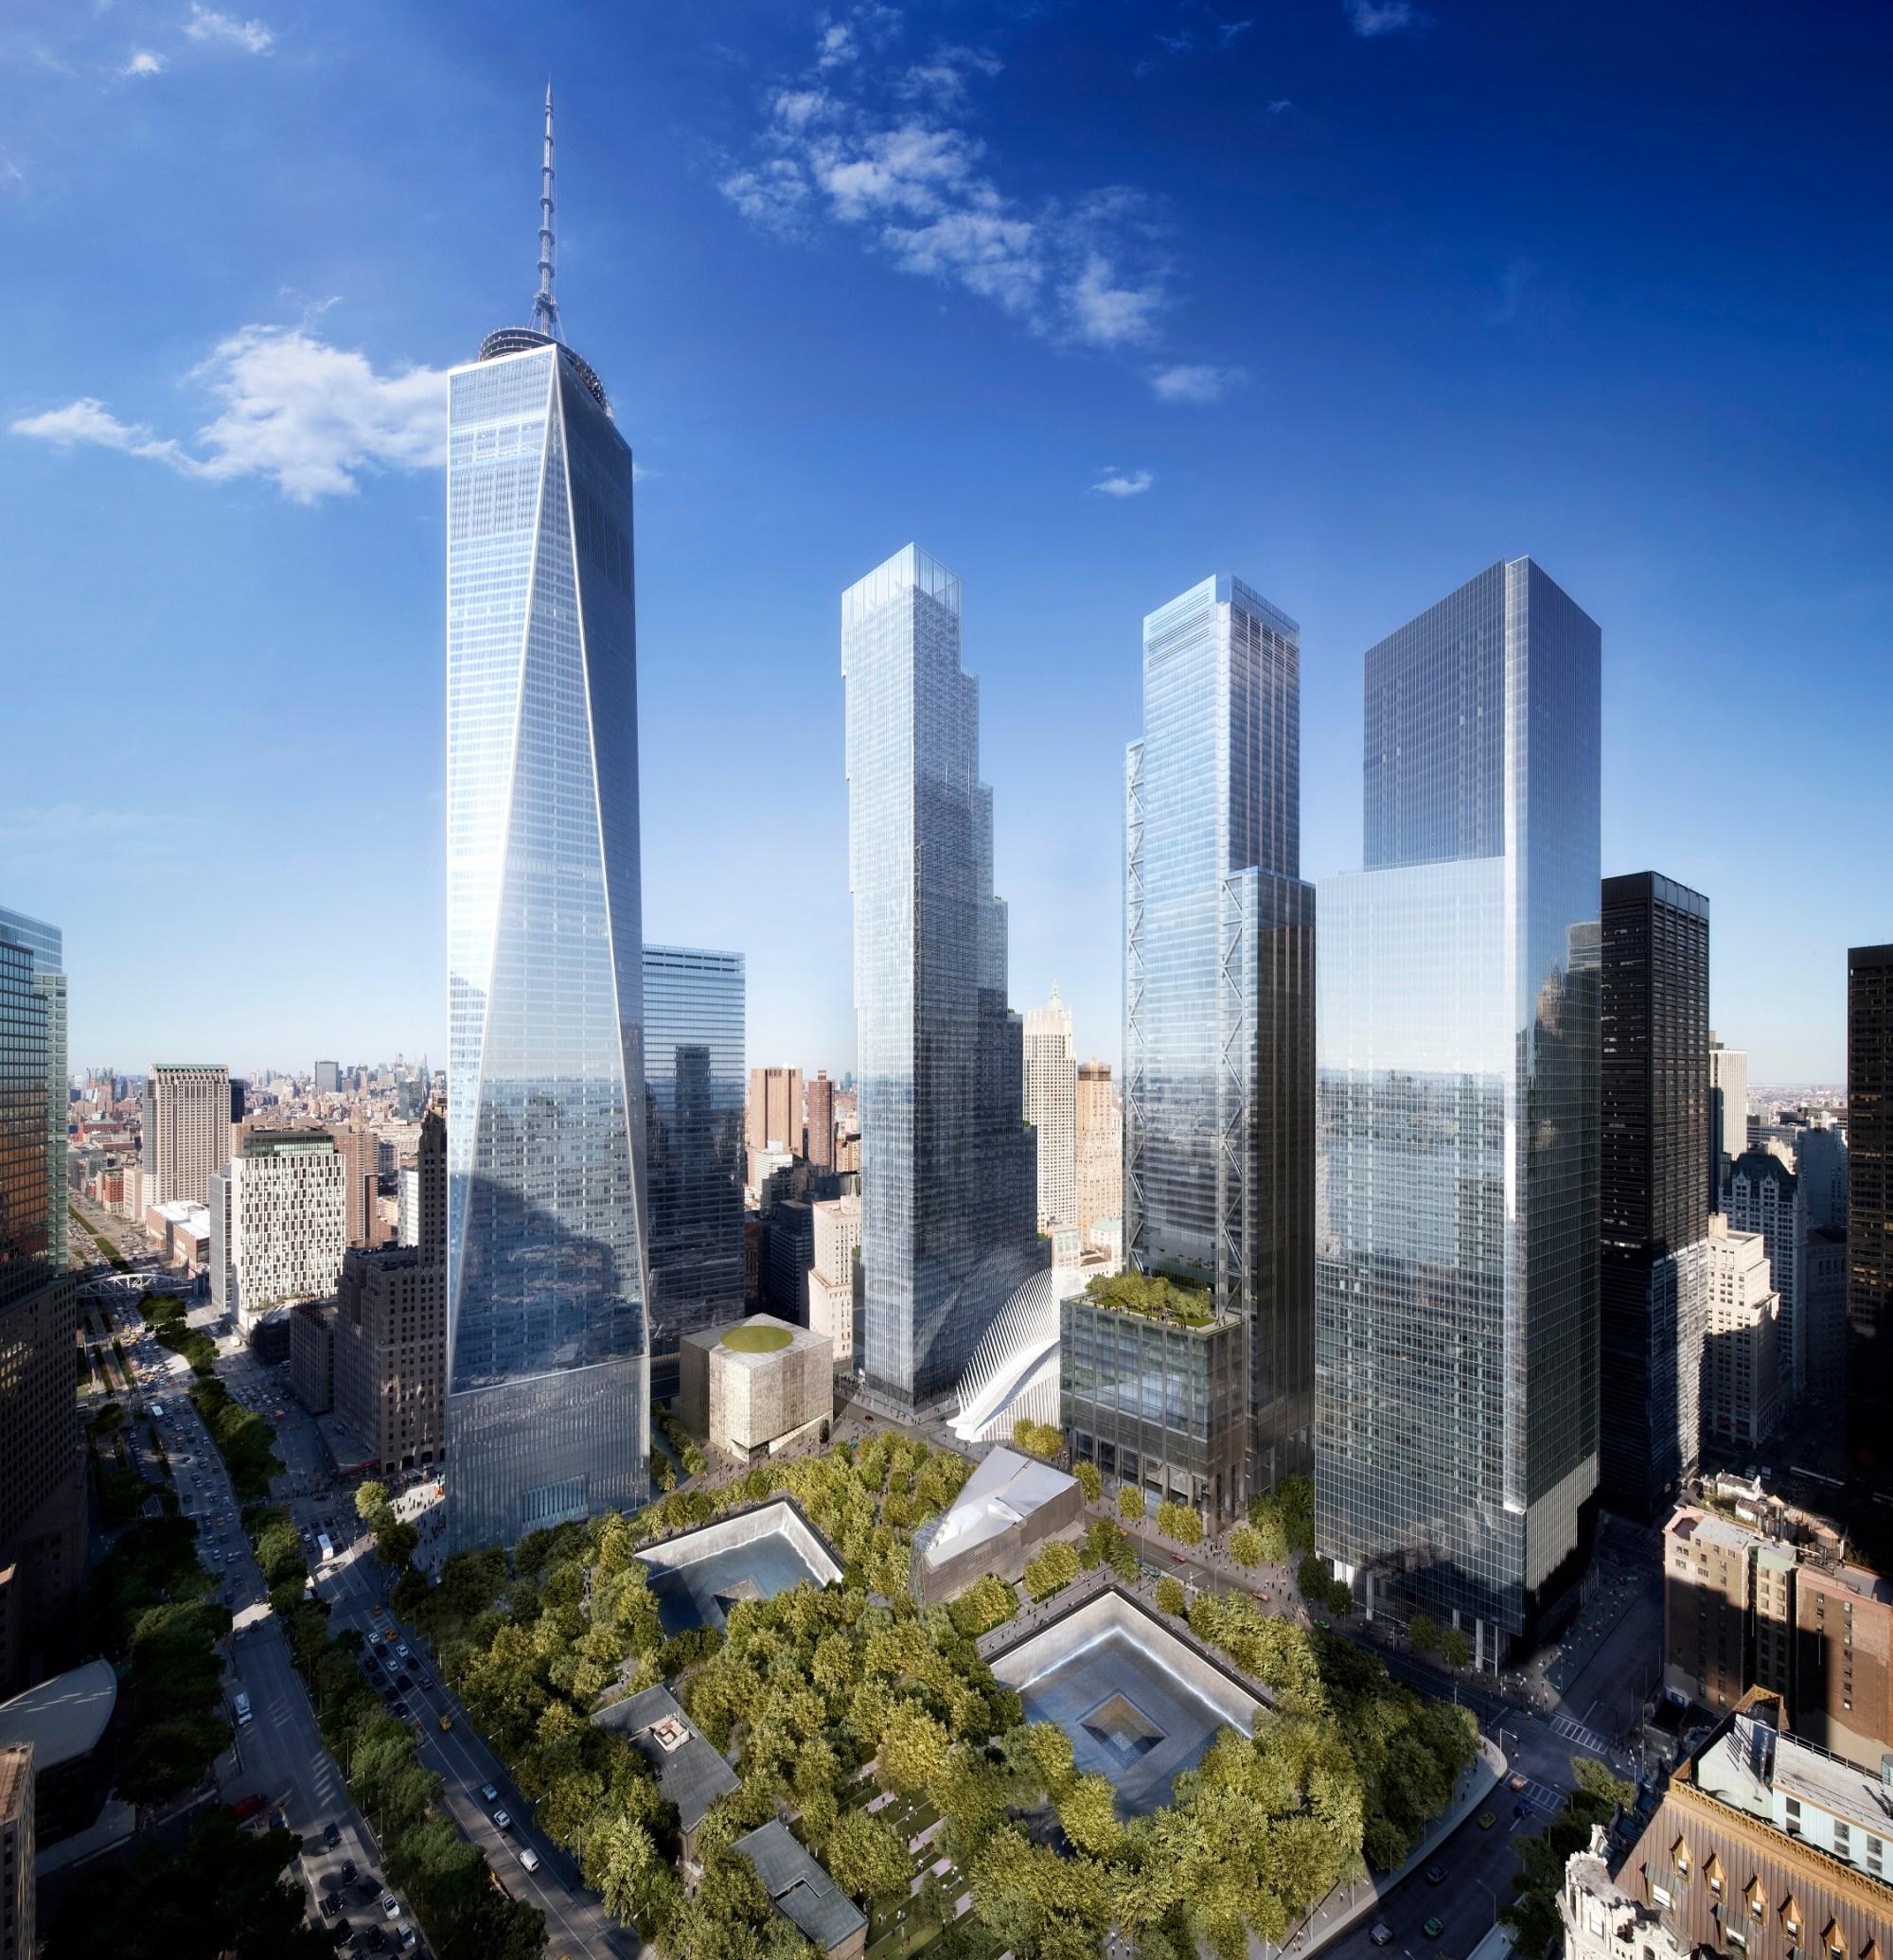 hight resolution of world trade center master plan